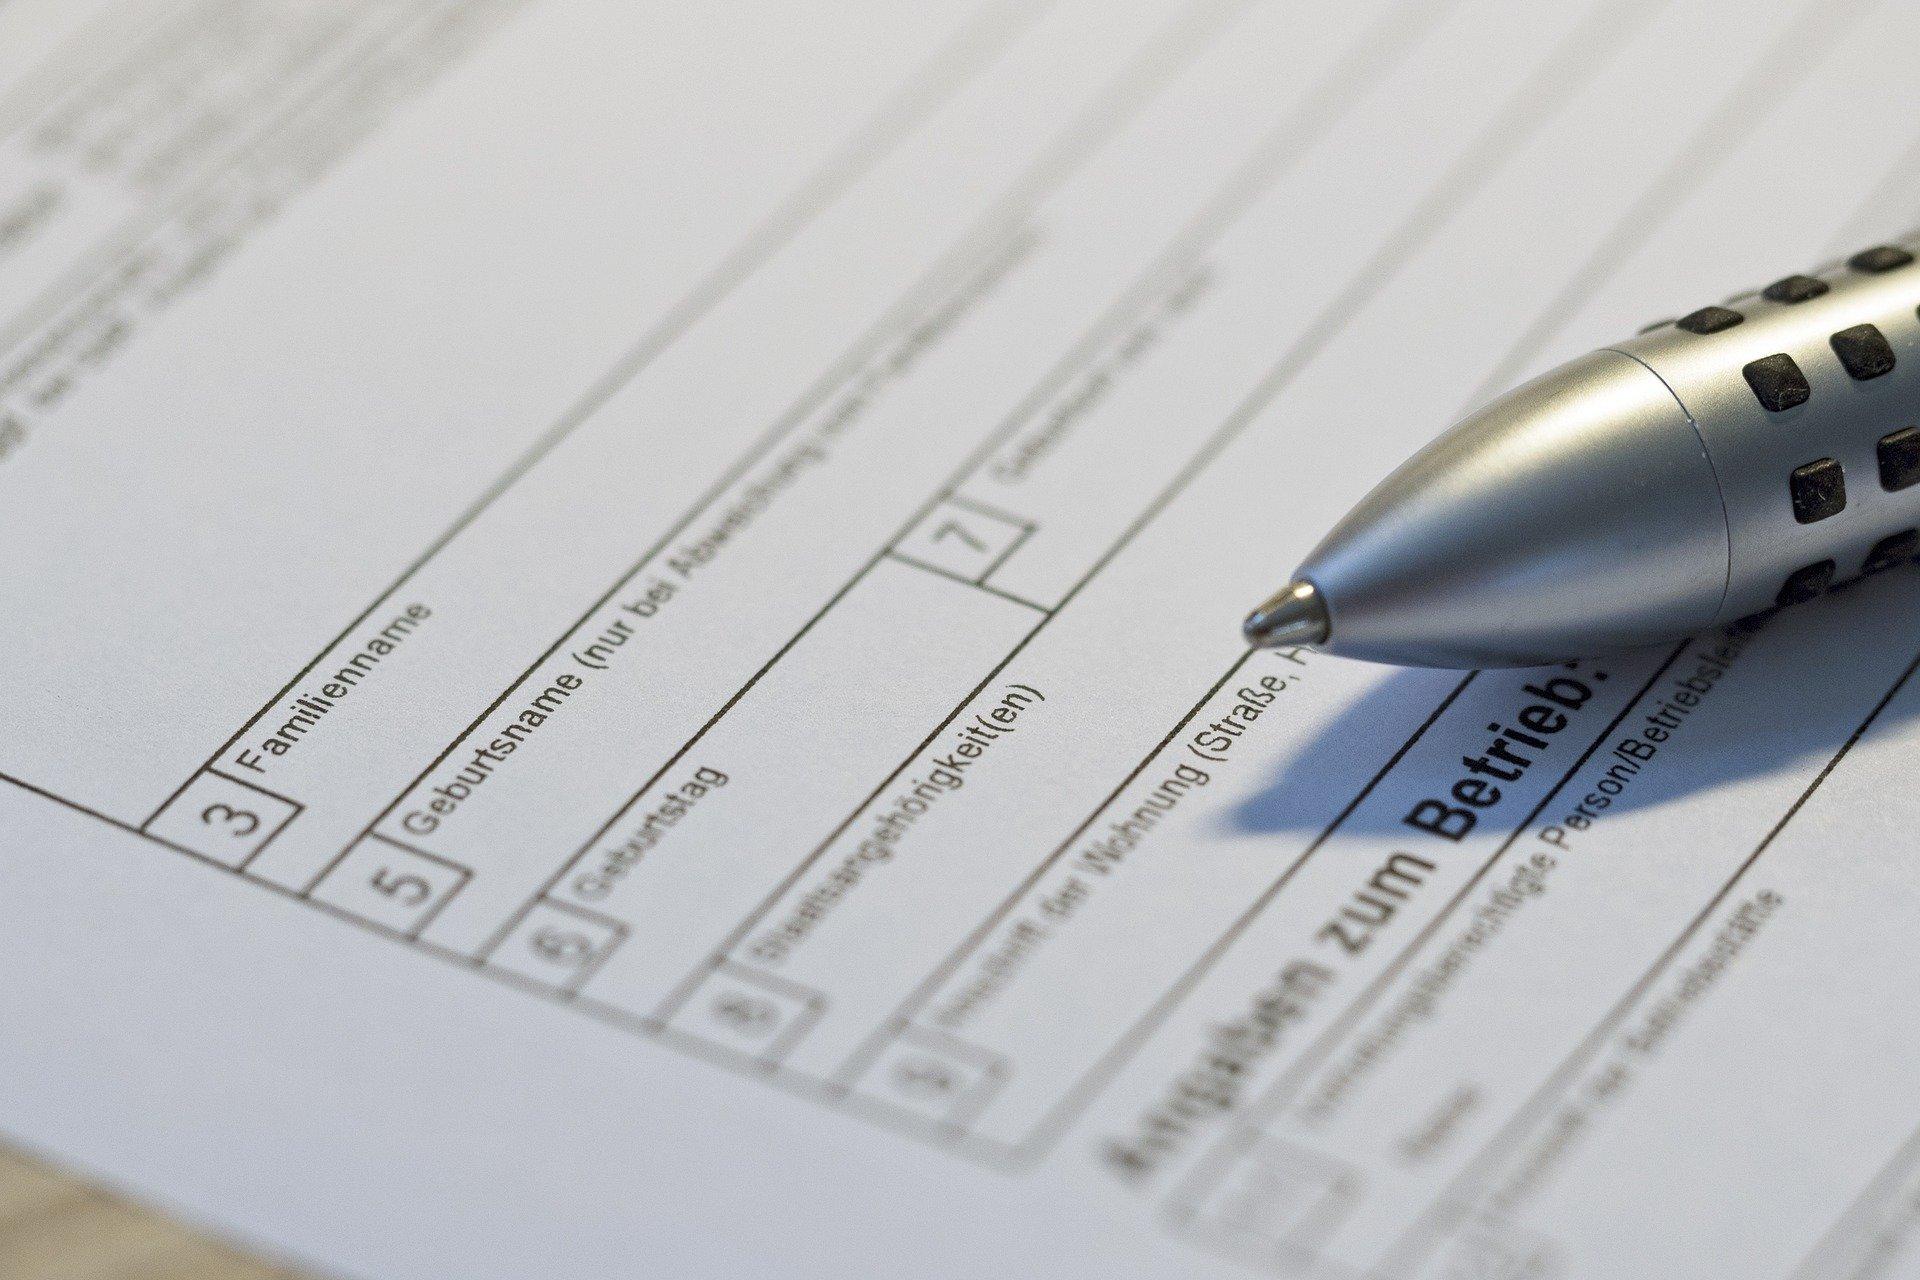 Das Foto zeigt ein Formular. Darauf liegt ein Kugelschreiber.